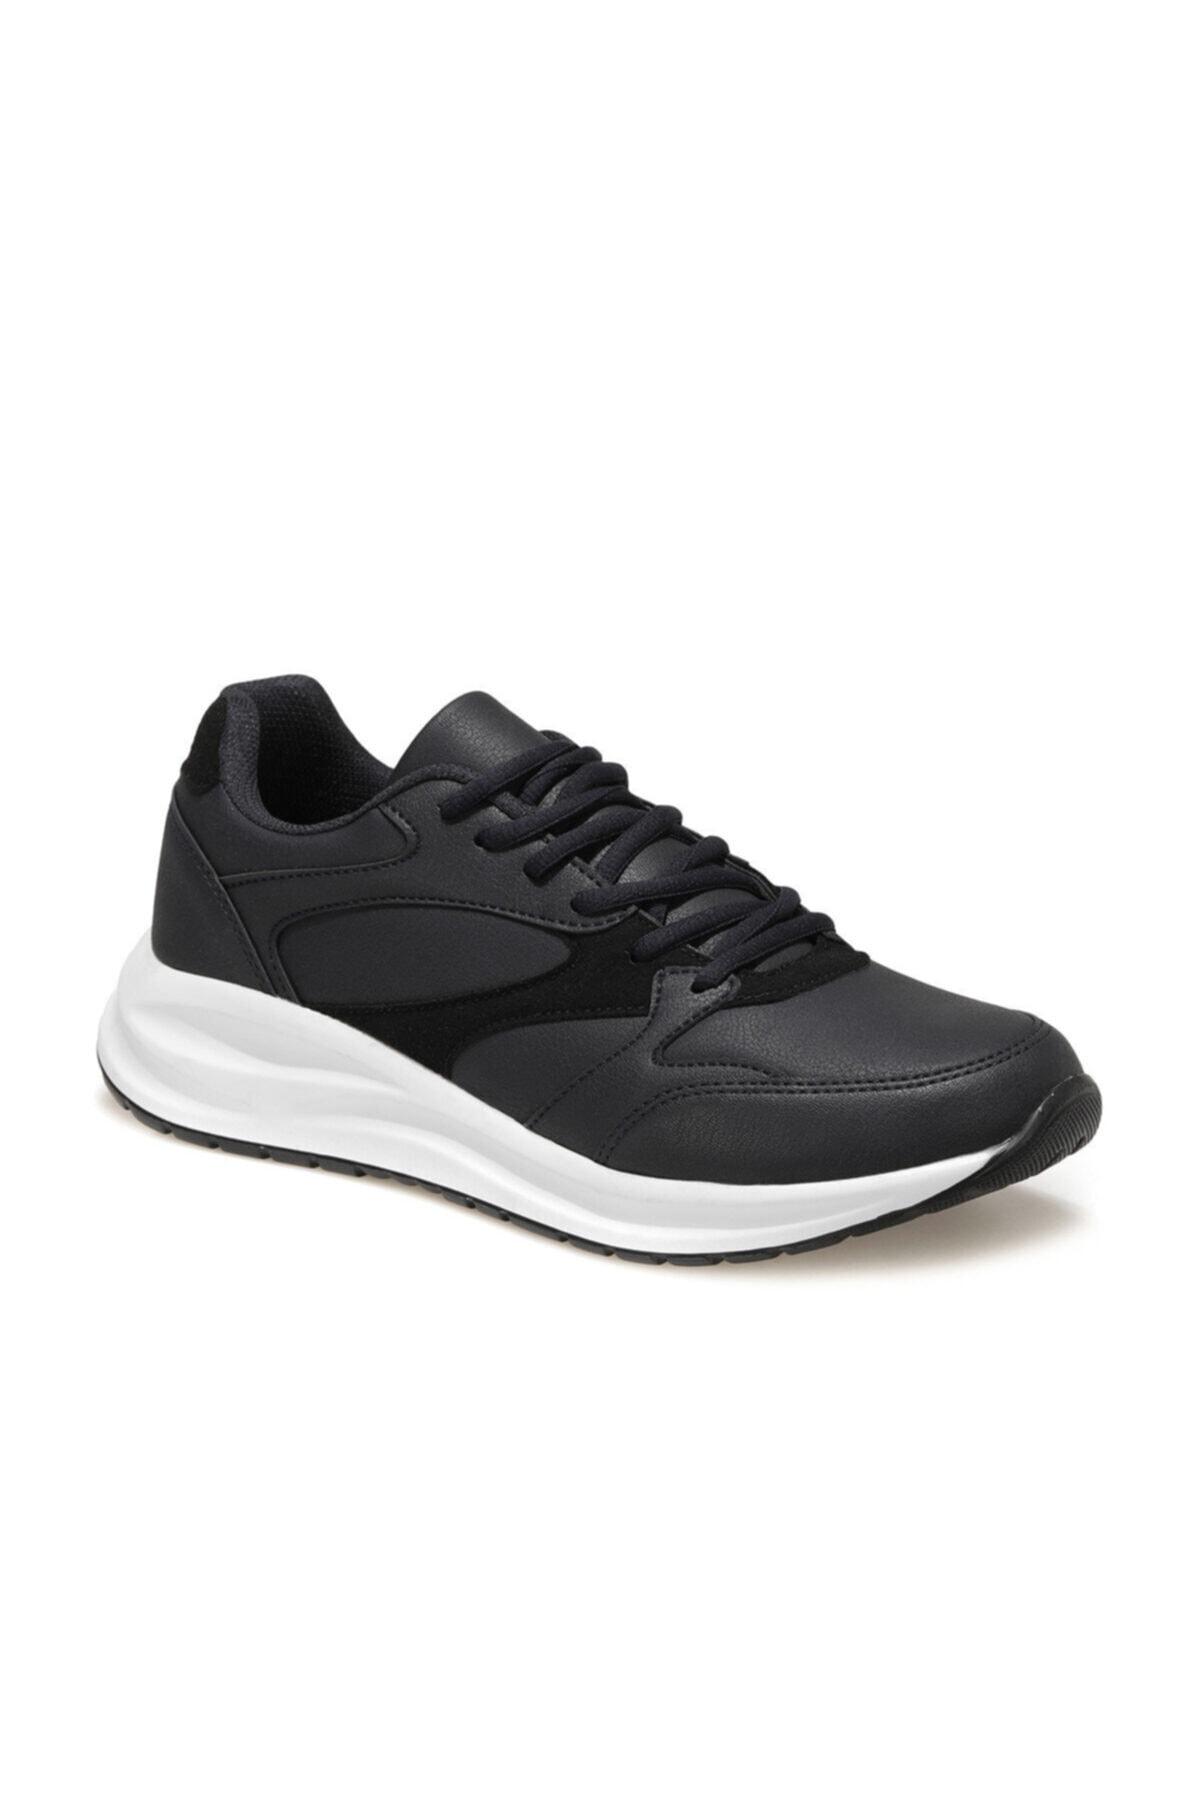 Torex CHROME Lacivert Erkek Sneaker Ayakkabı 100576822 1